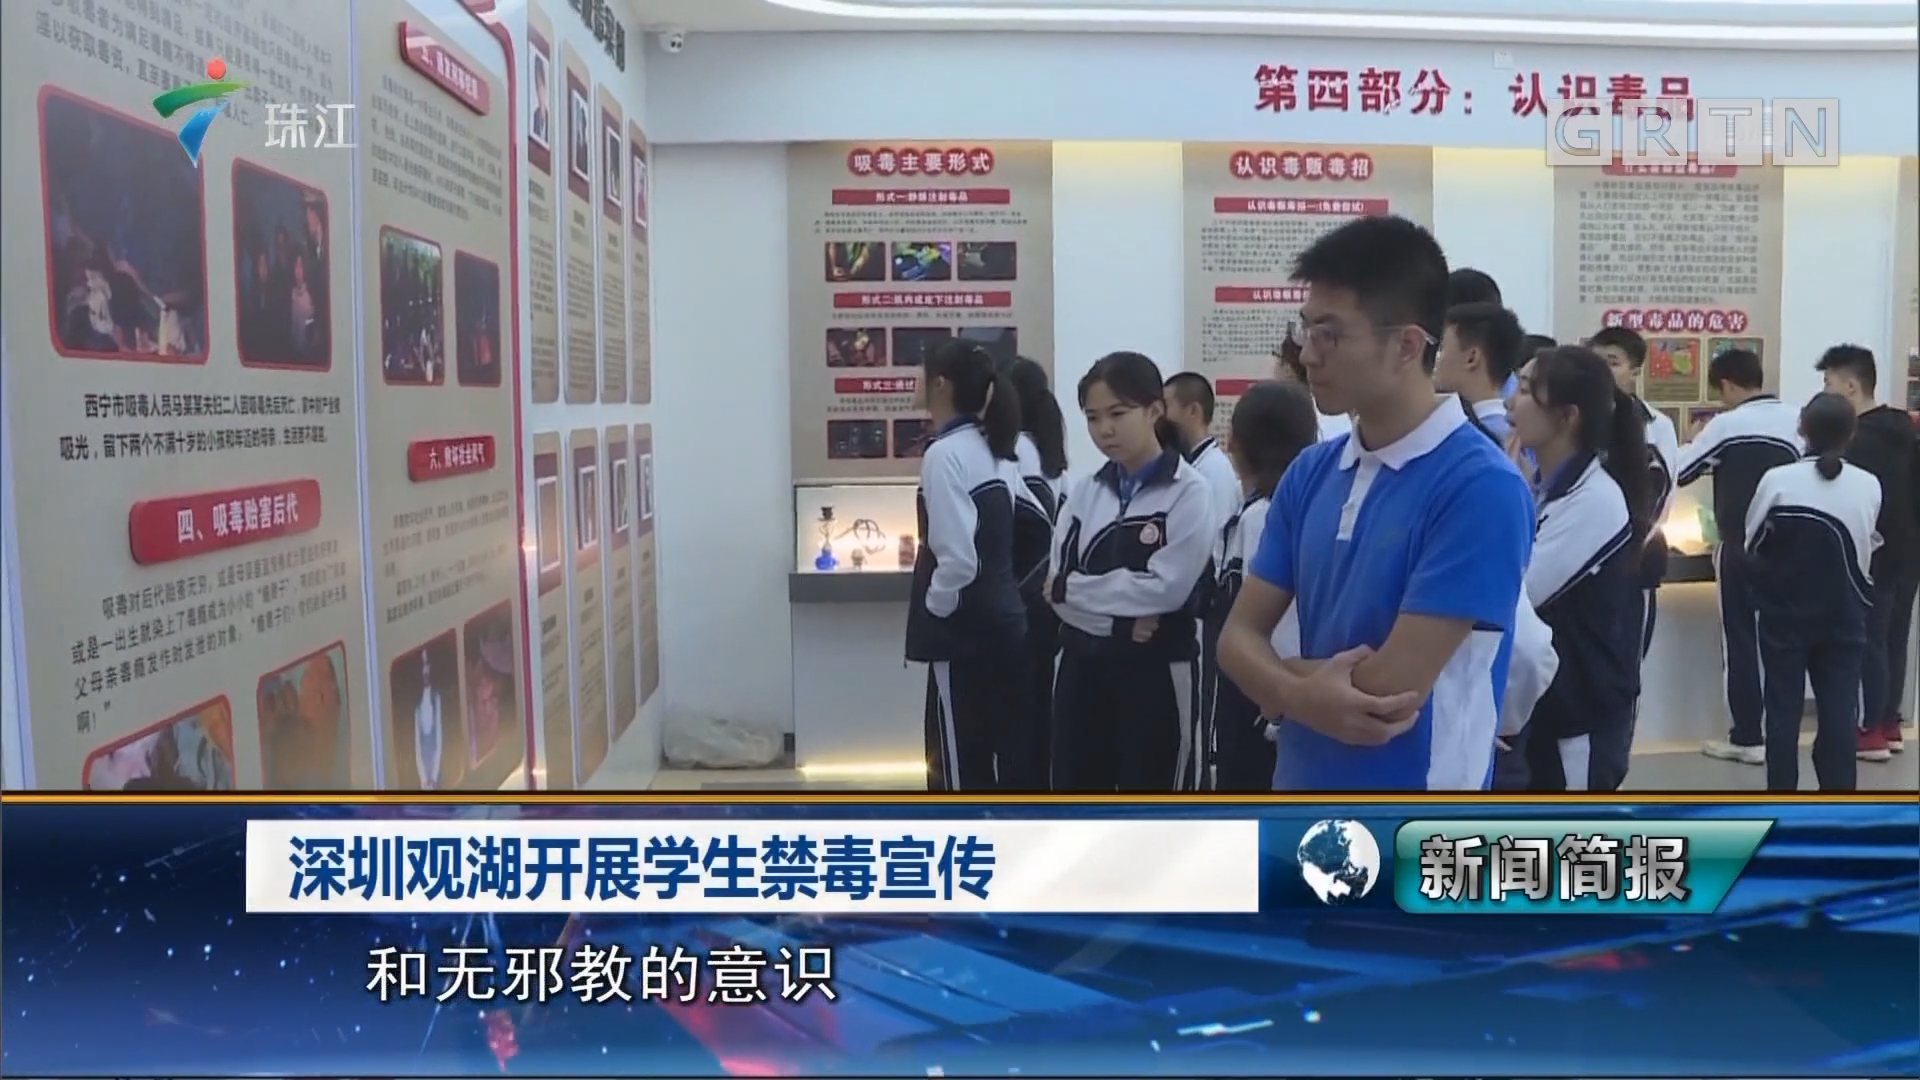 深圳观湖开展学生禁毒宣传